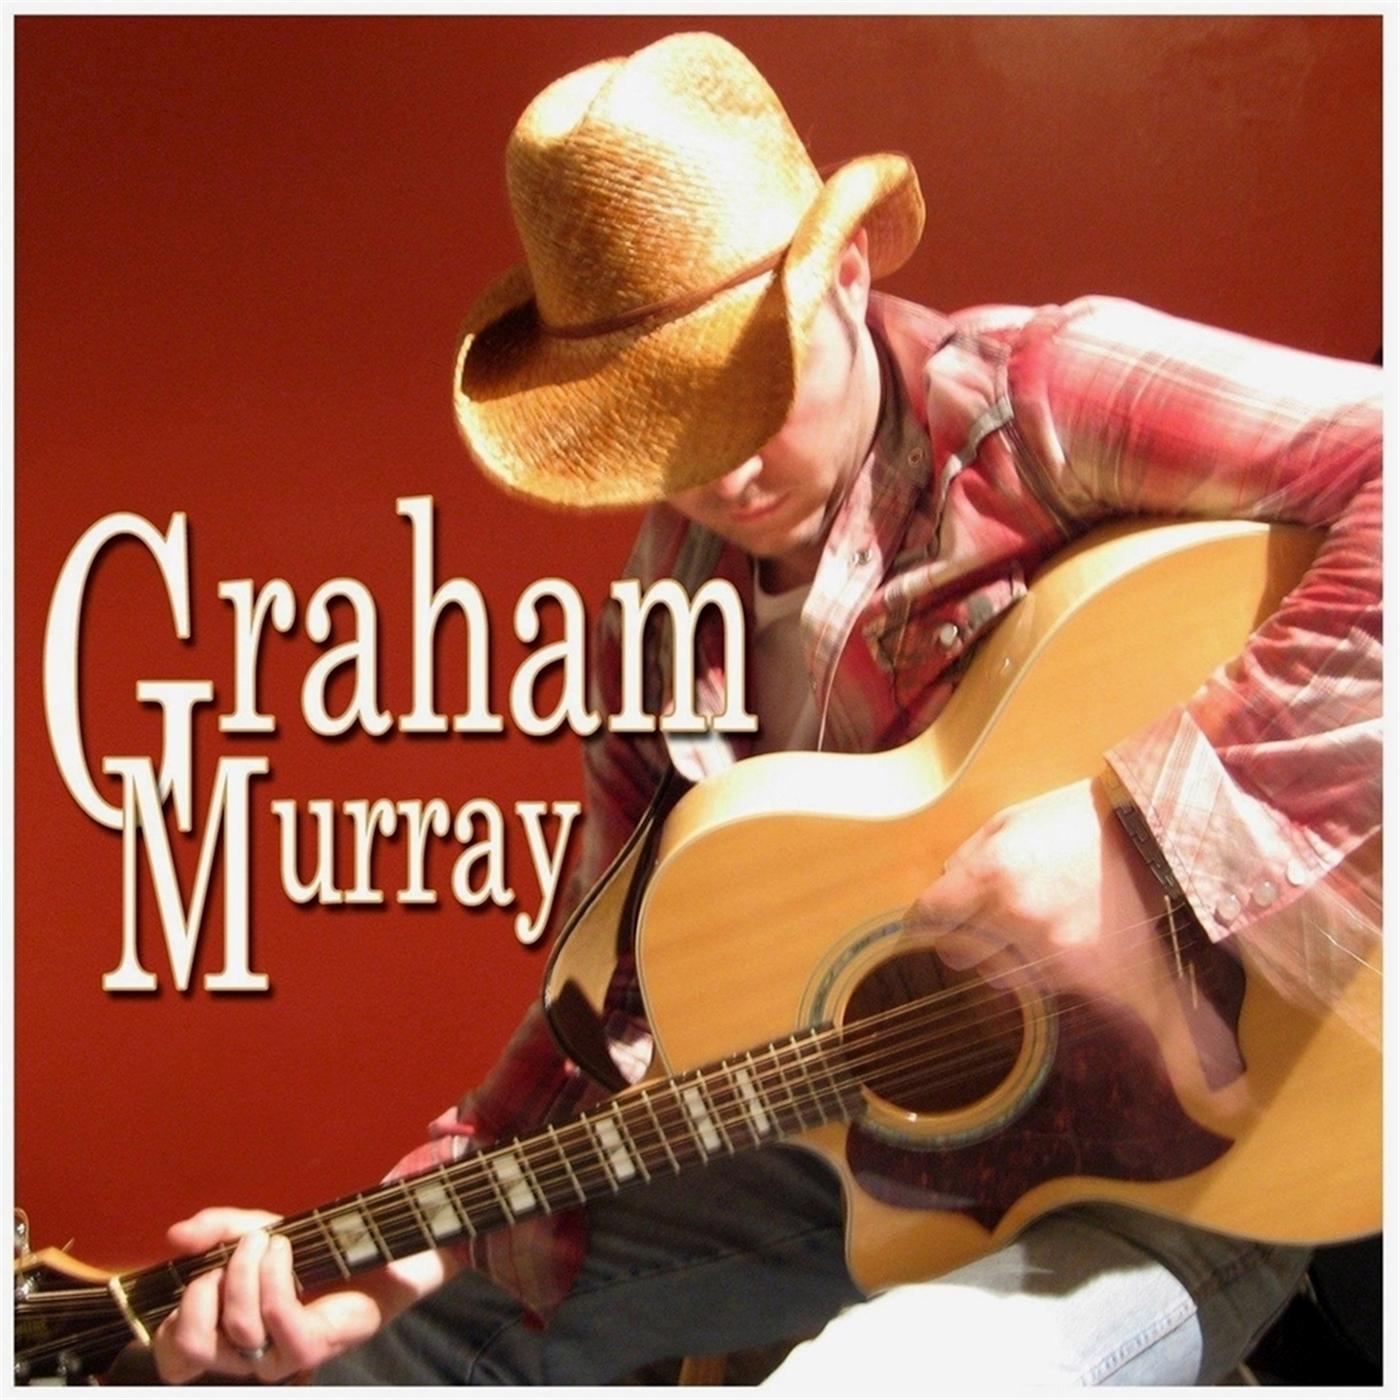 Graham_murray_ep